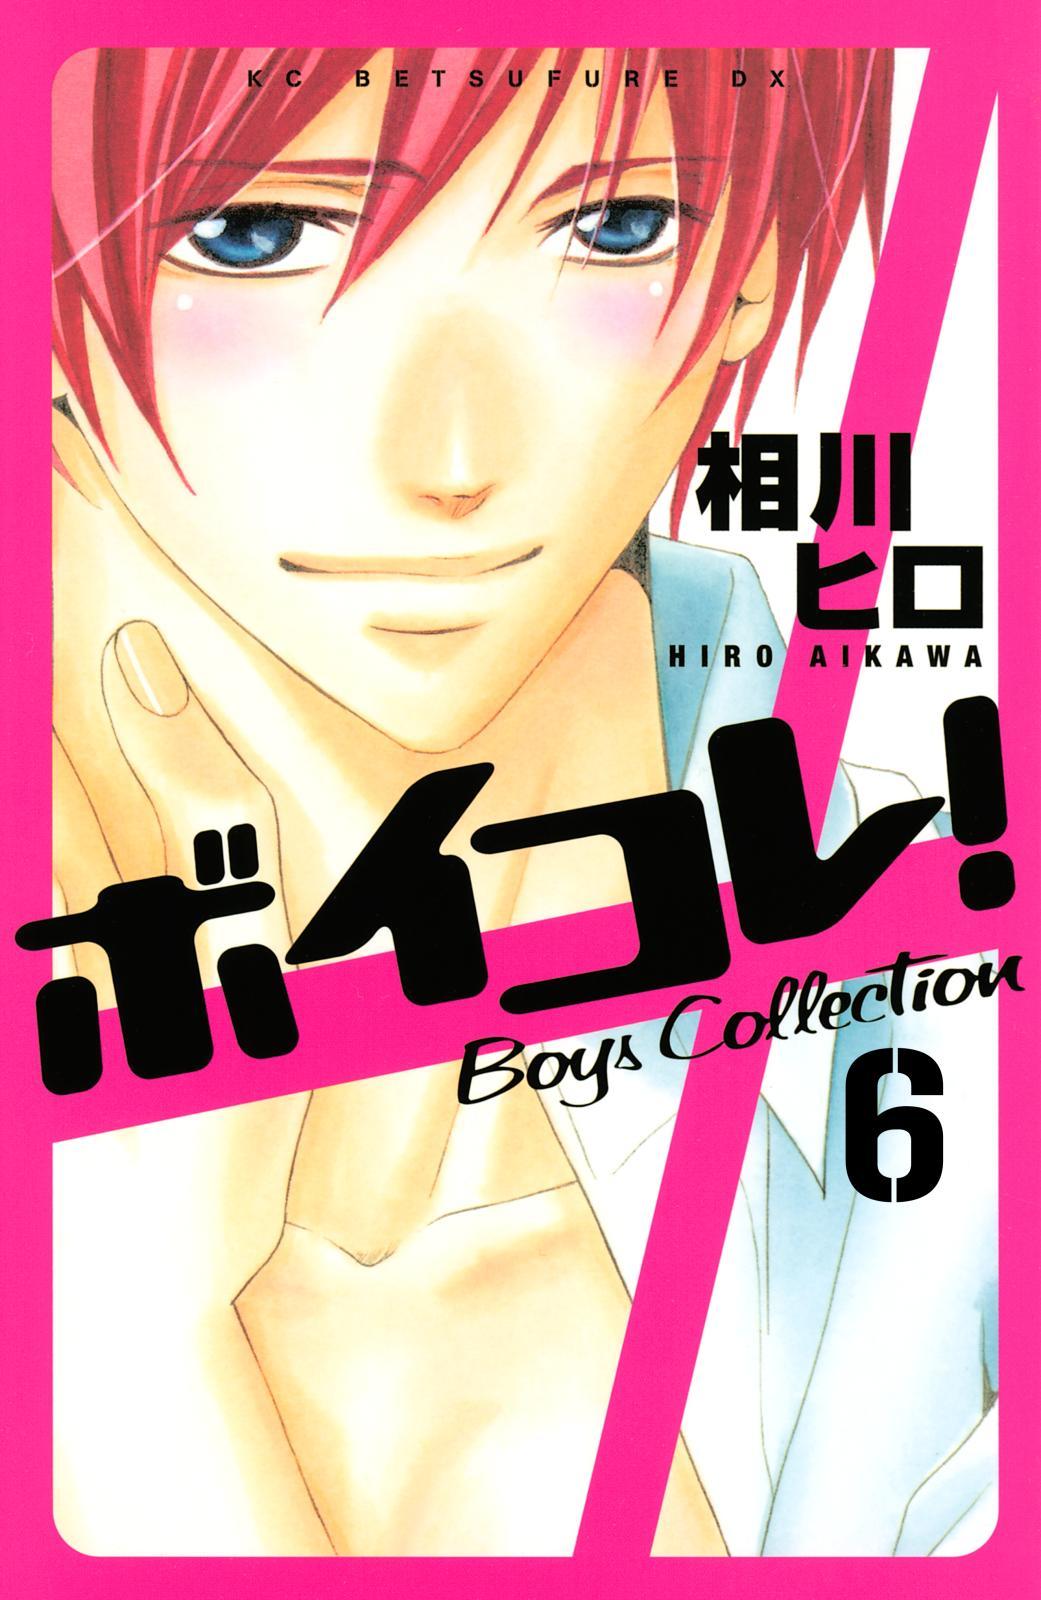 ボイコレ! 分冊版 Boys Collection(6)